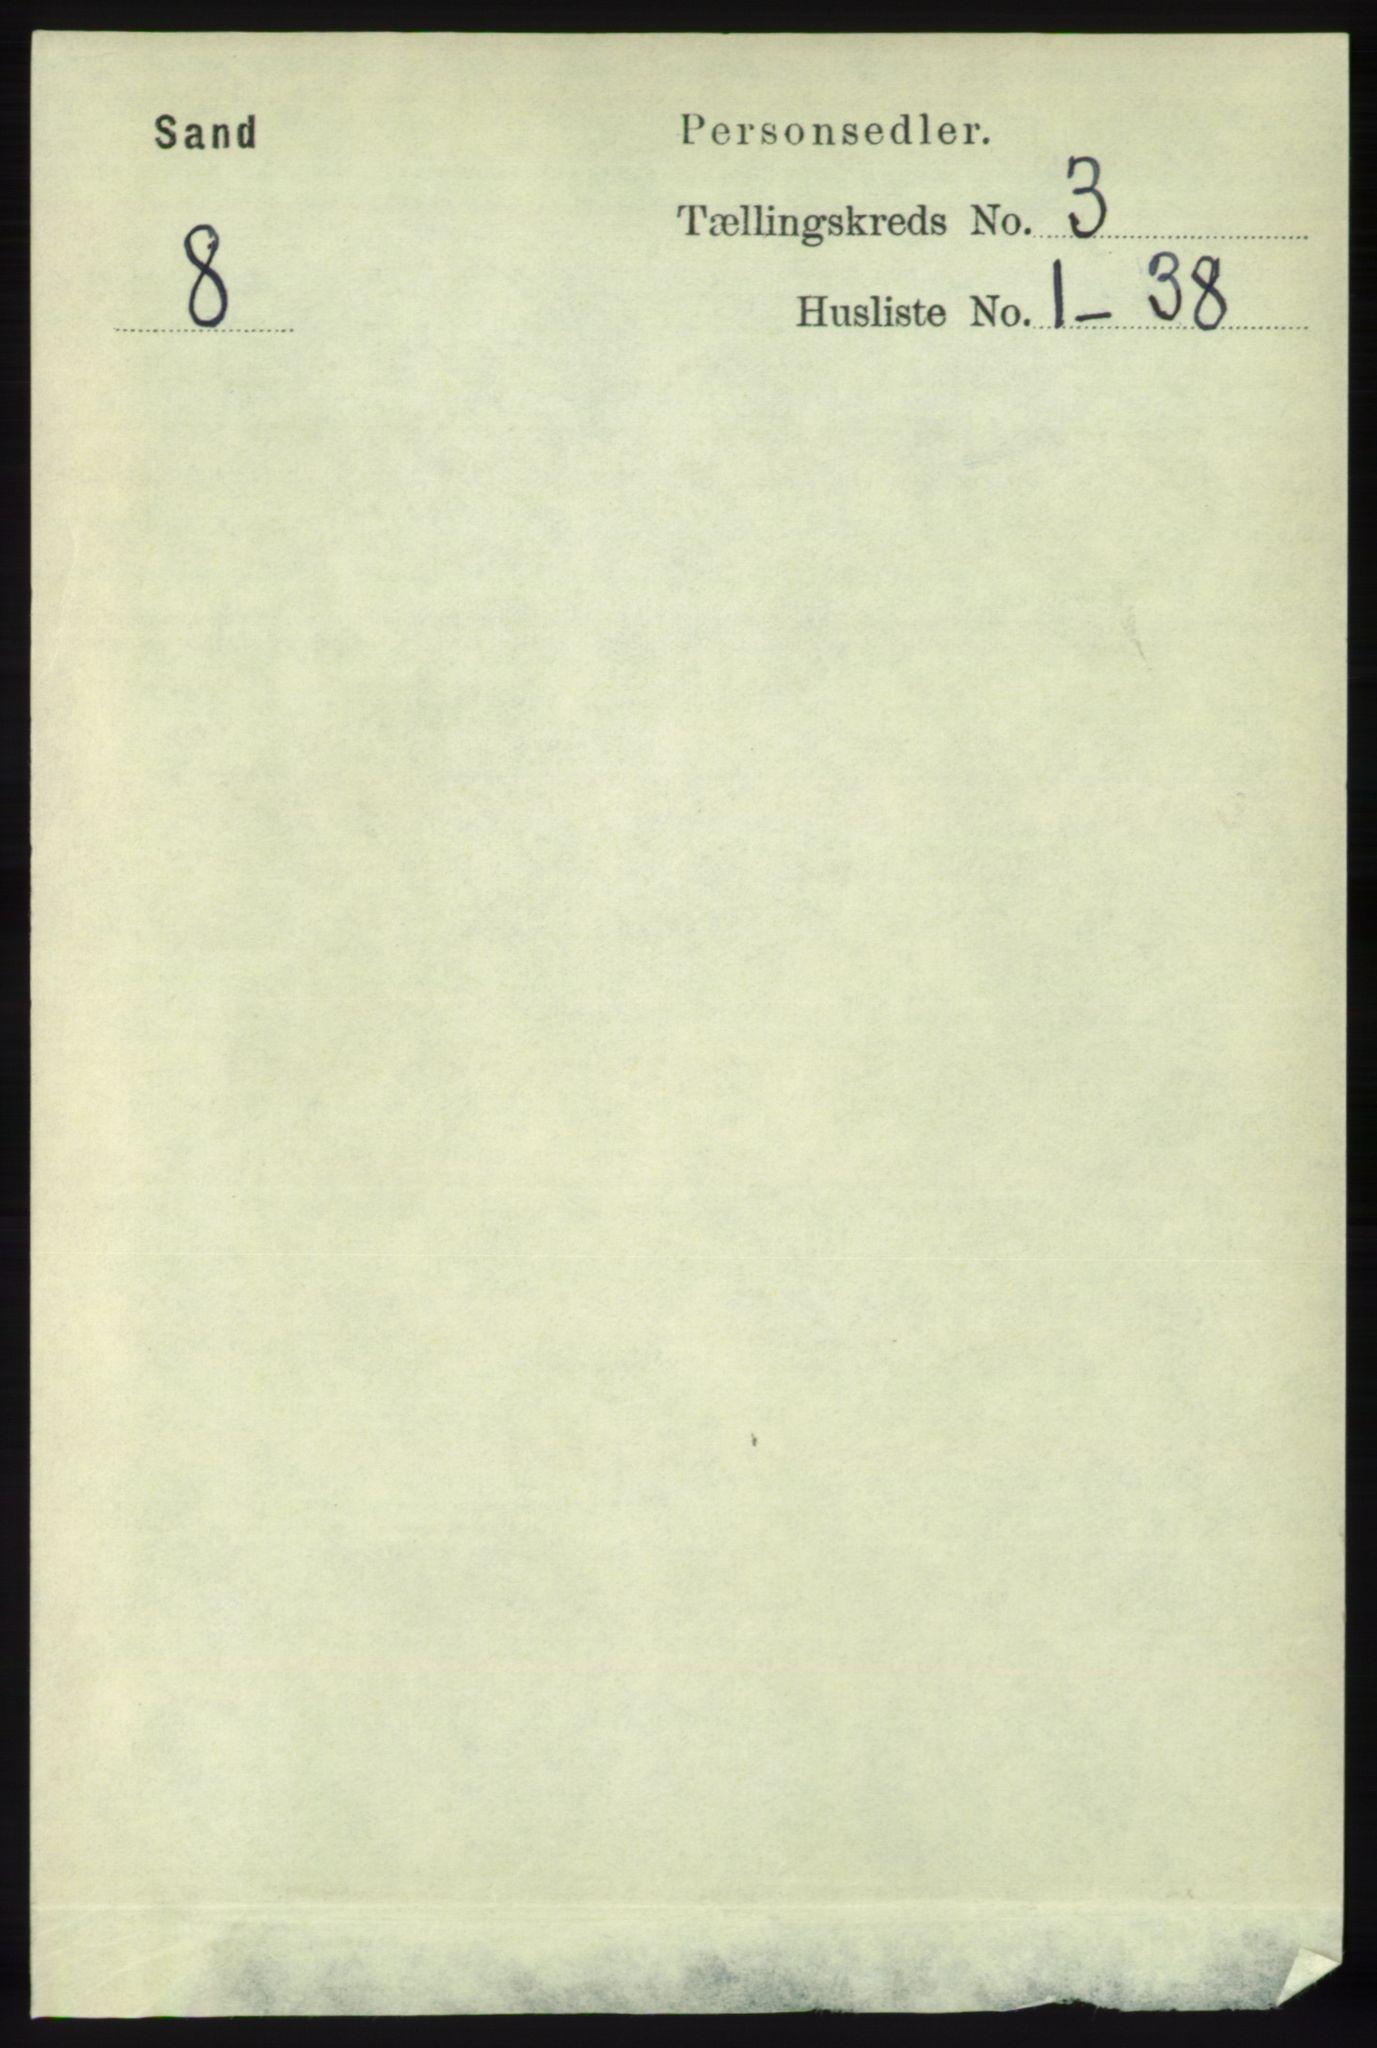 RA, Folketelling 1891 for 1136 Sand herred, 1891, s. 670